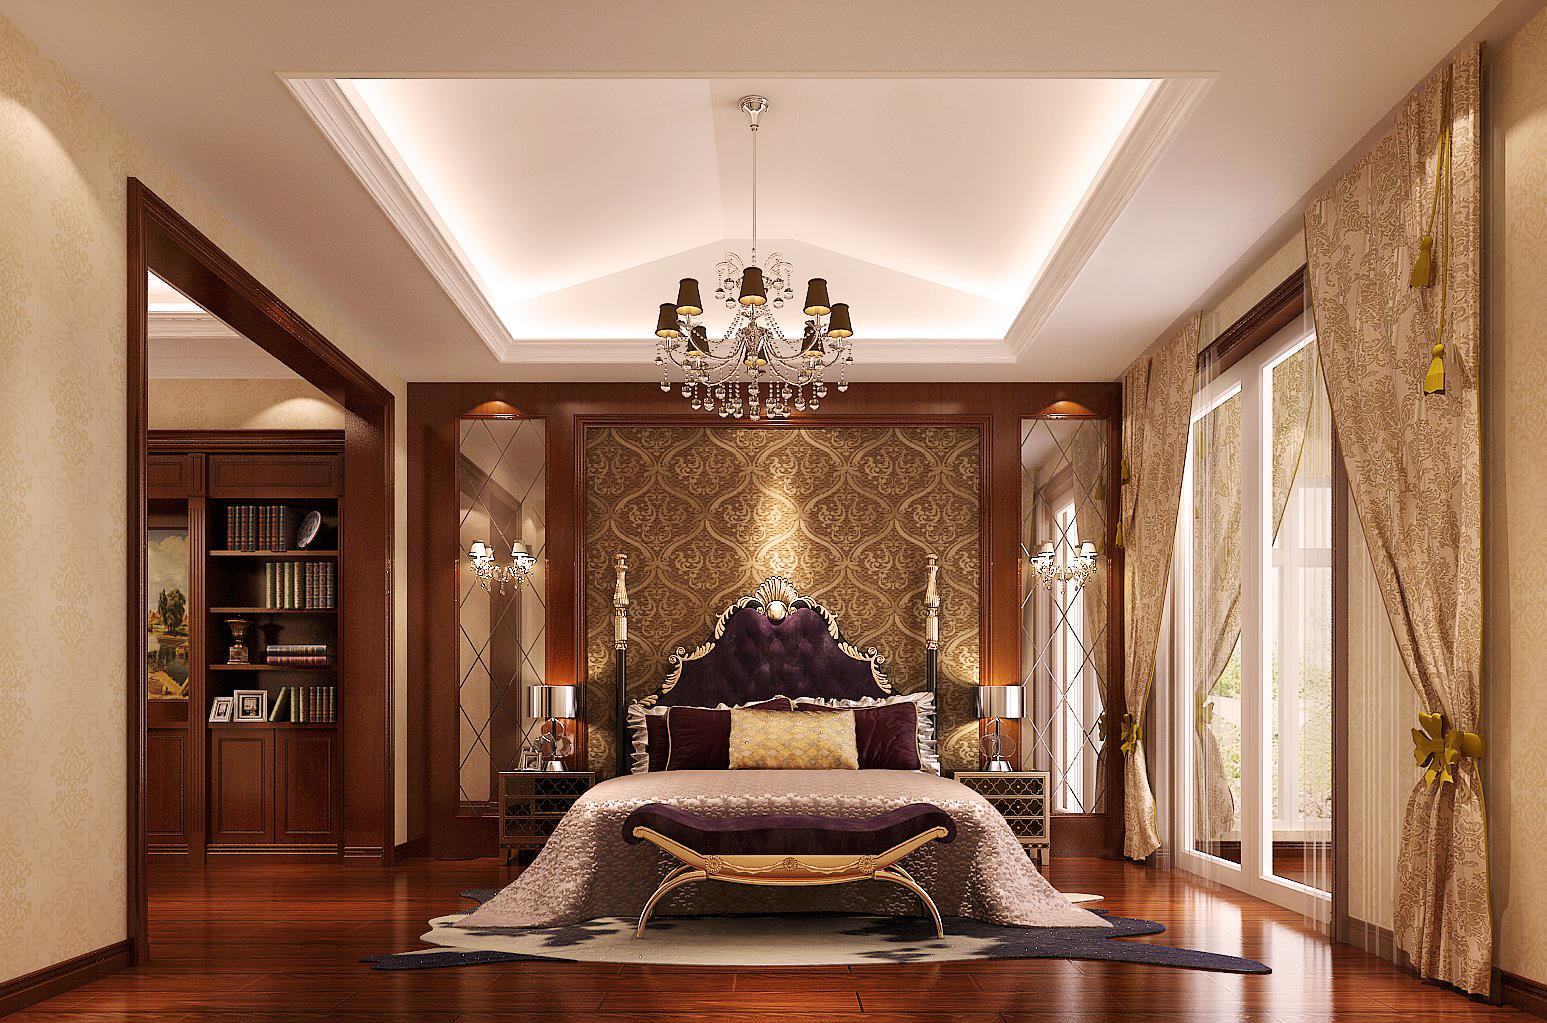 简约 欧式 中式 混搭 卧室图片来自高度国际装饰黄帅在都说标题长才会有人看的分享